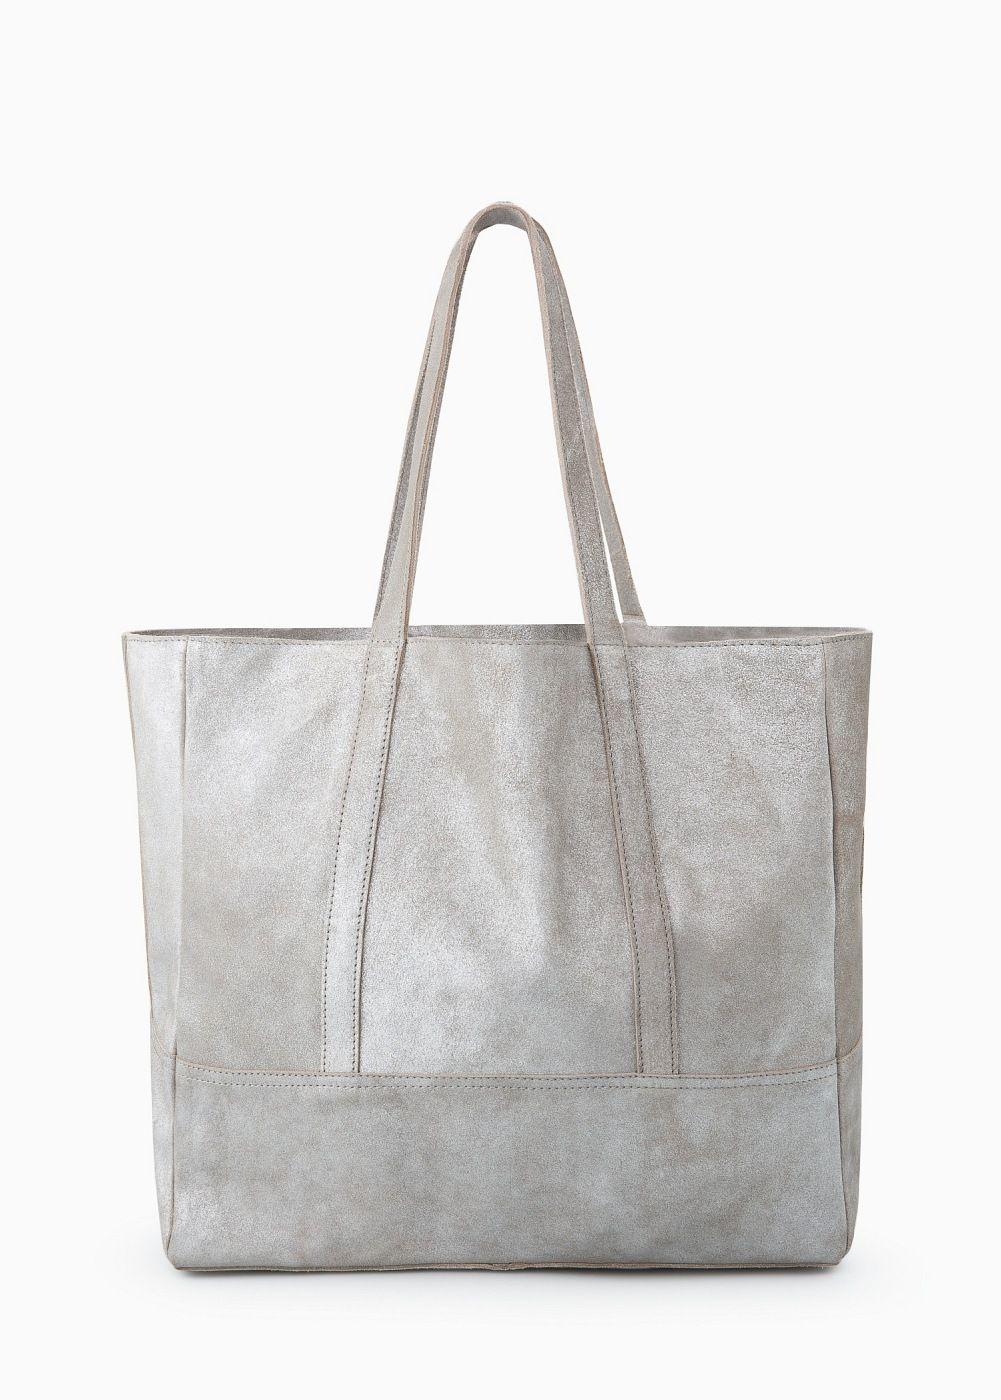 698d2950a5d4c Wildleder-Shopper. Wildleder-Shopper Tasche Grau ...